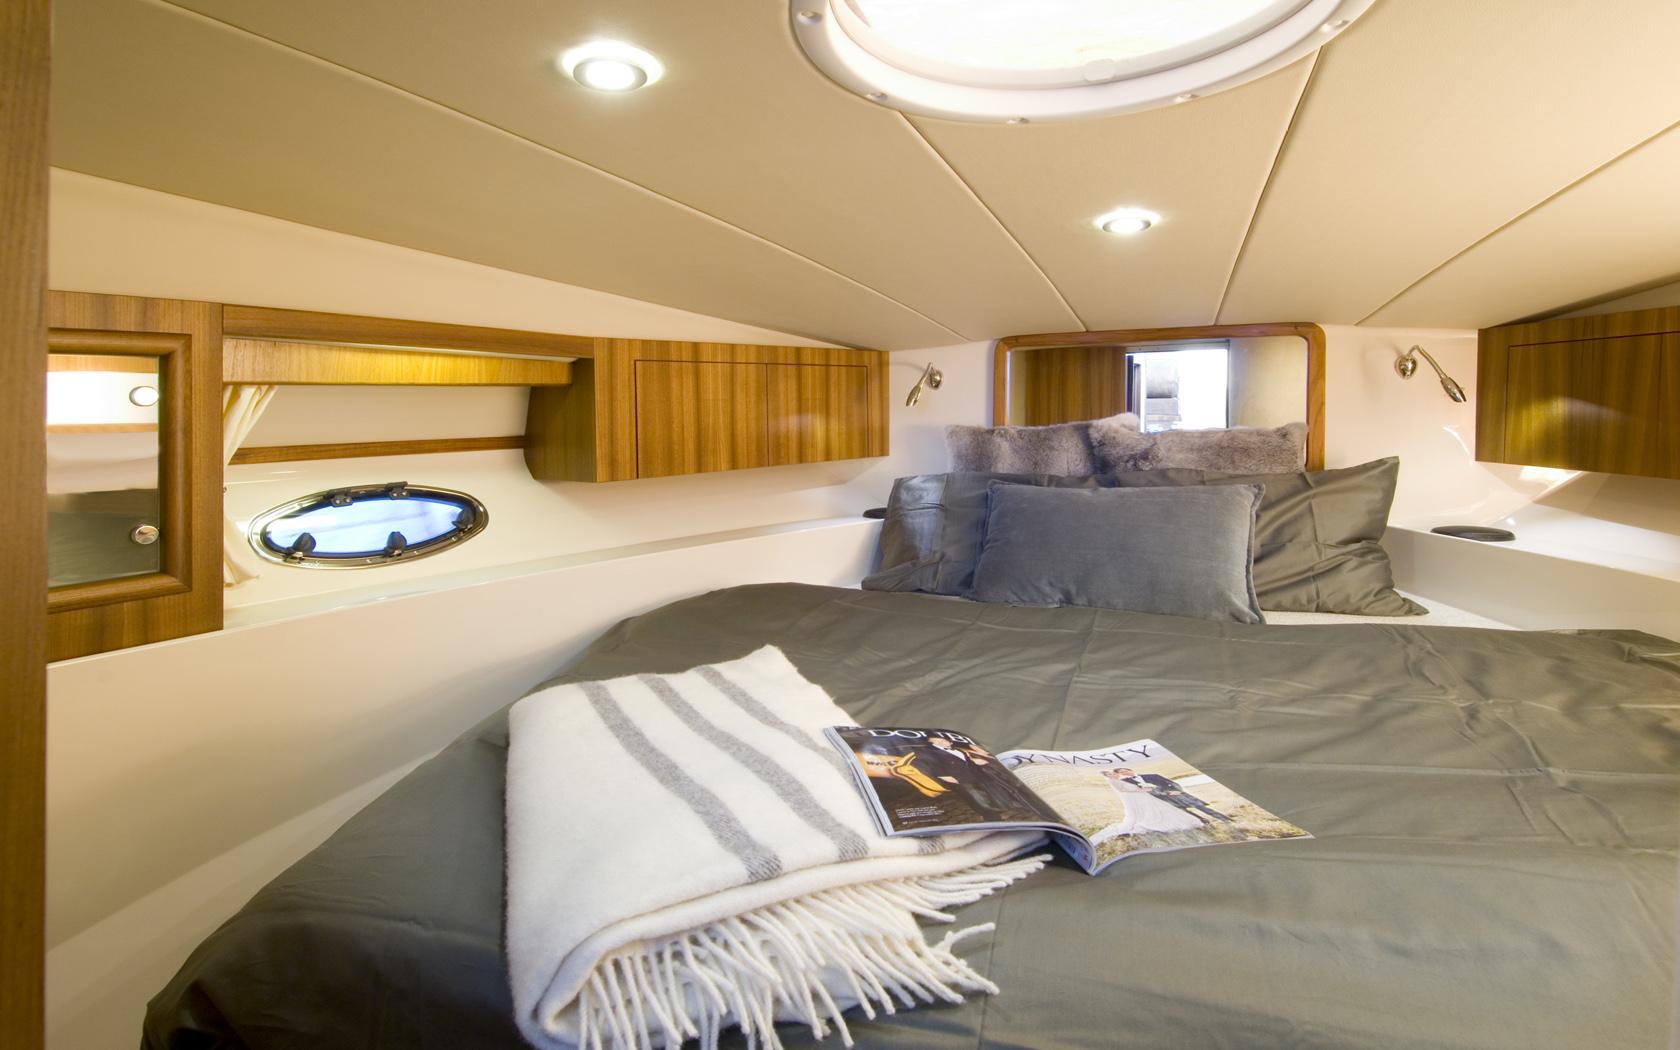 Marex 350 Cabriolet: below deck